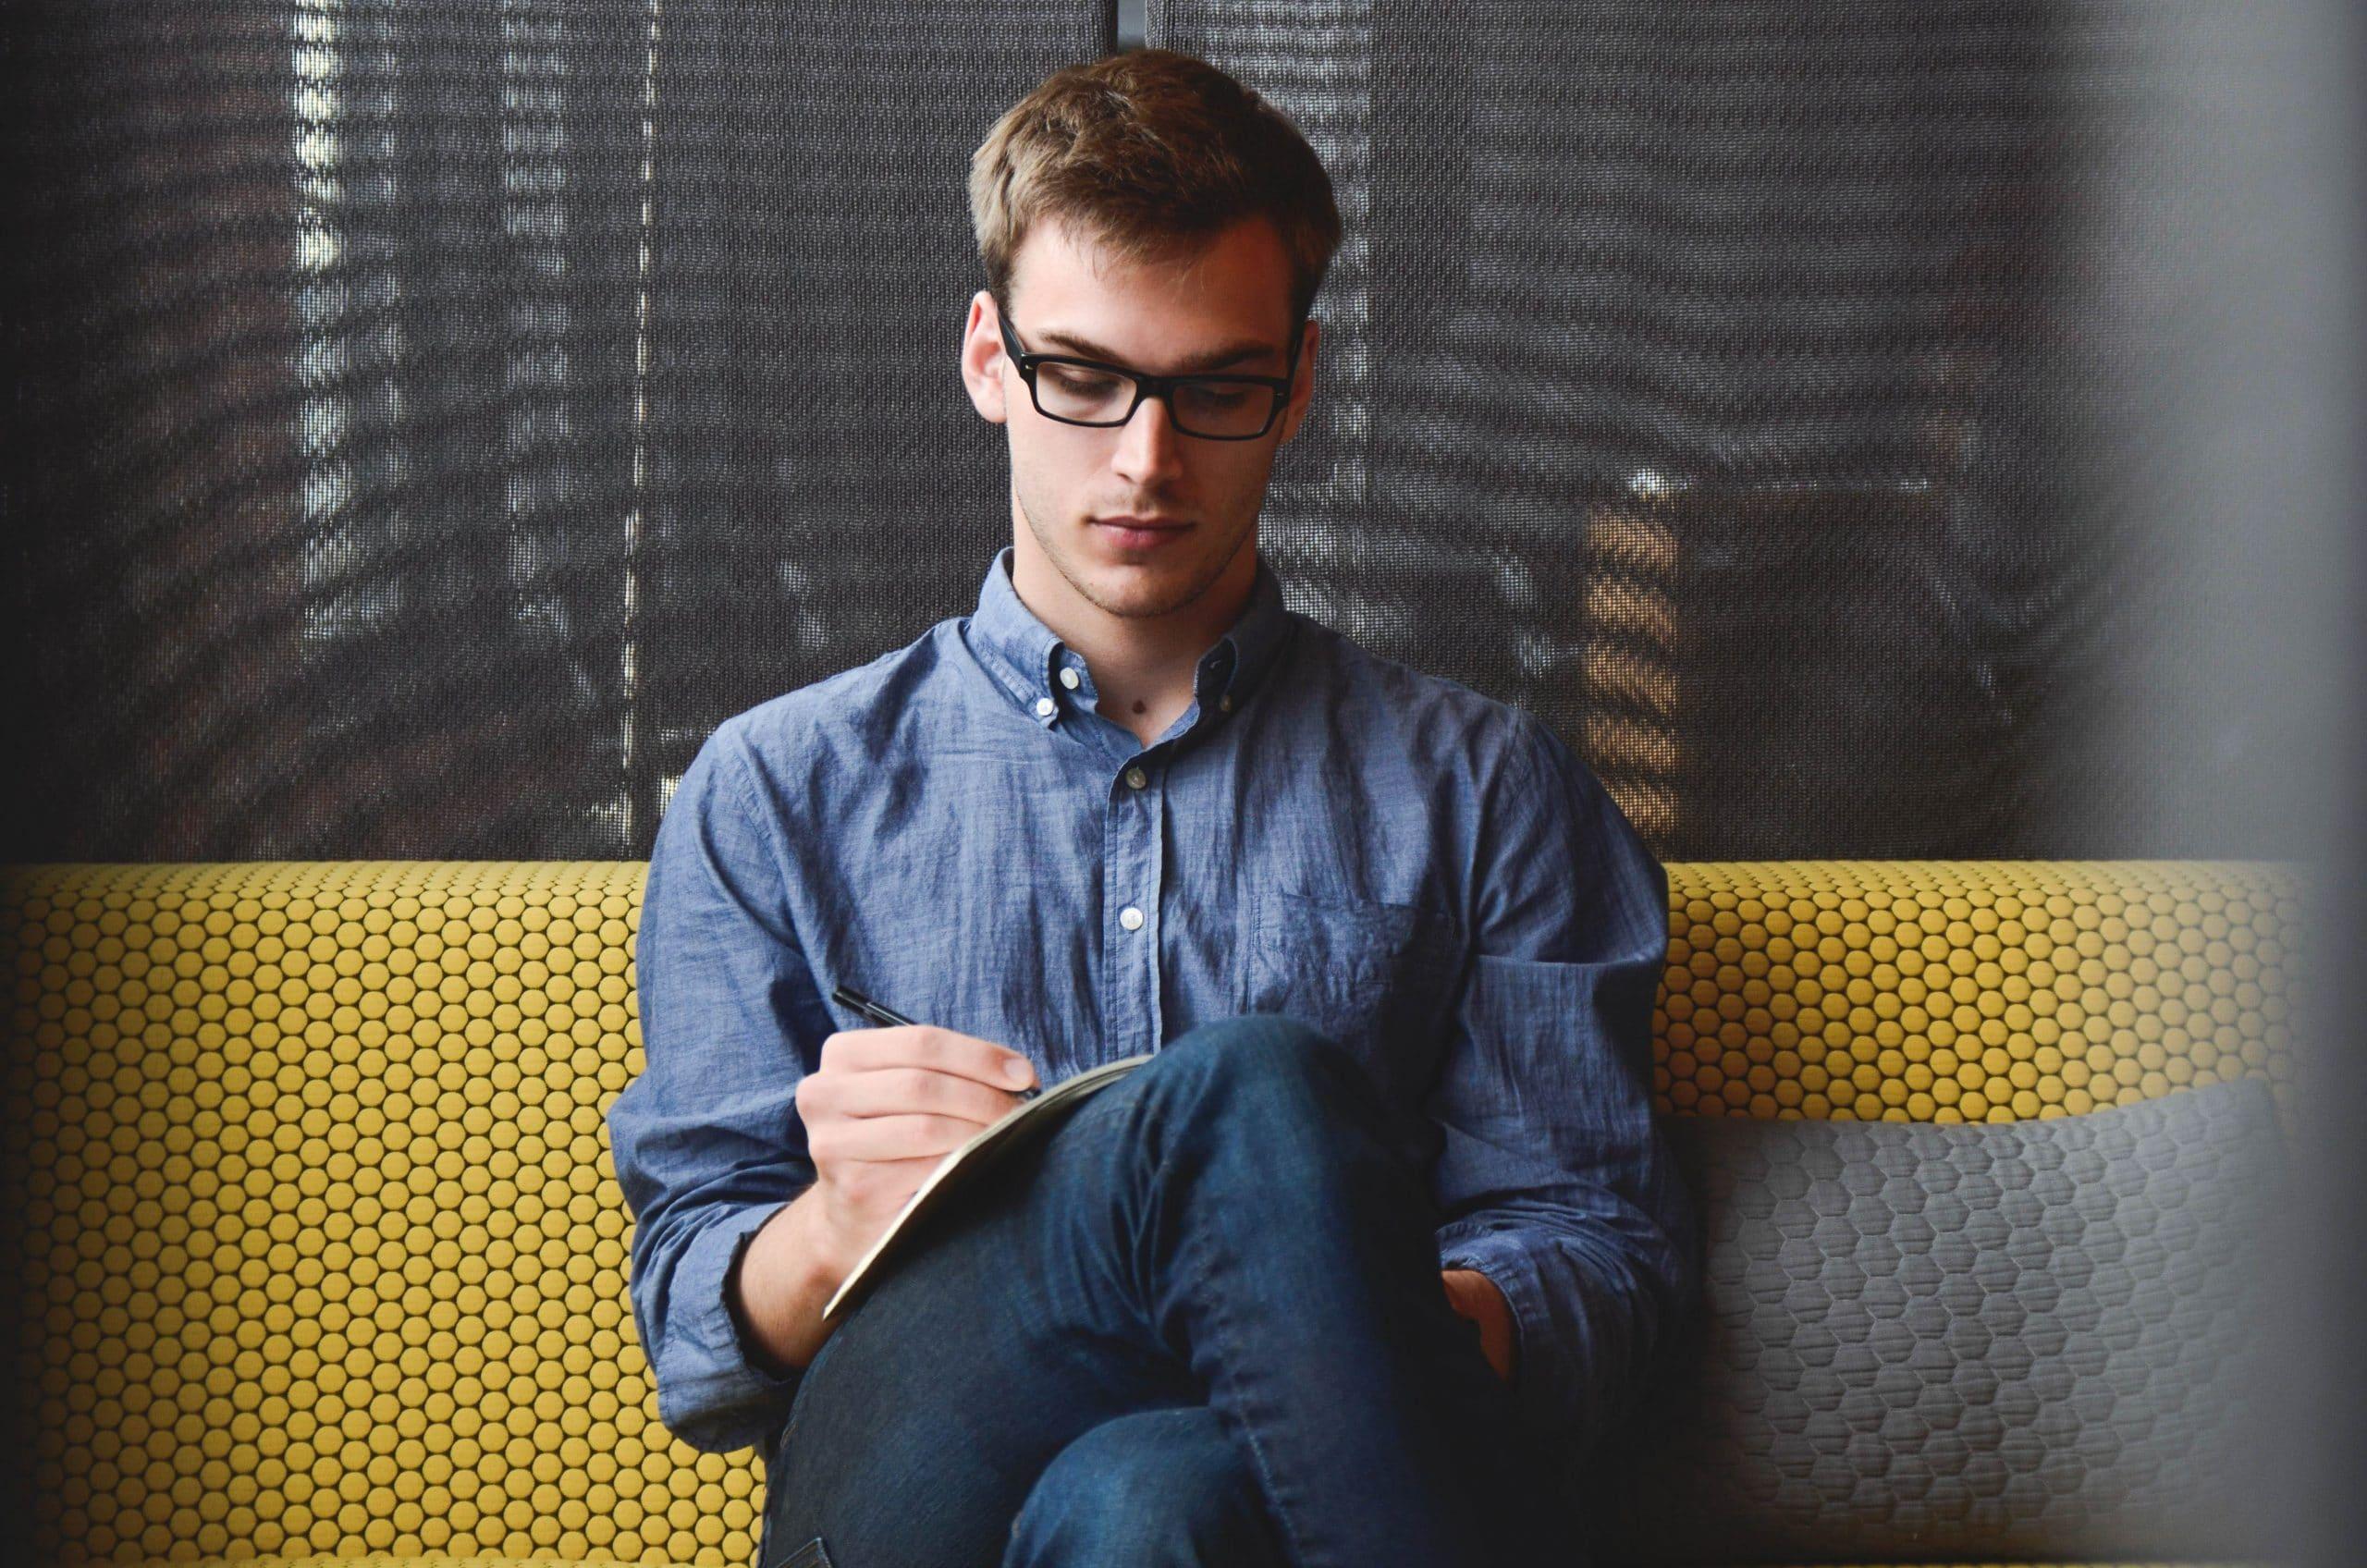 Pourquoi être auto-entrepreneur